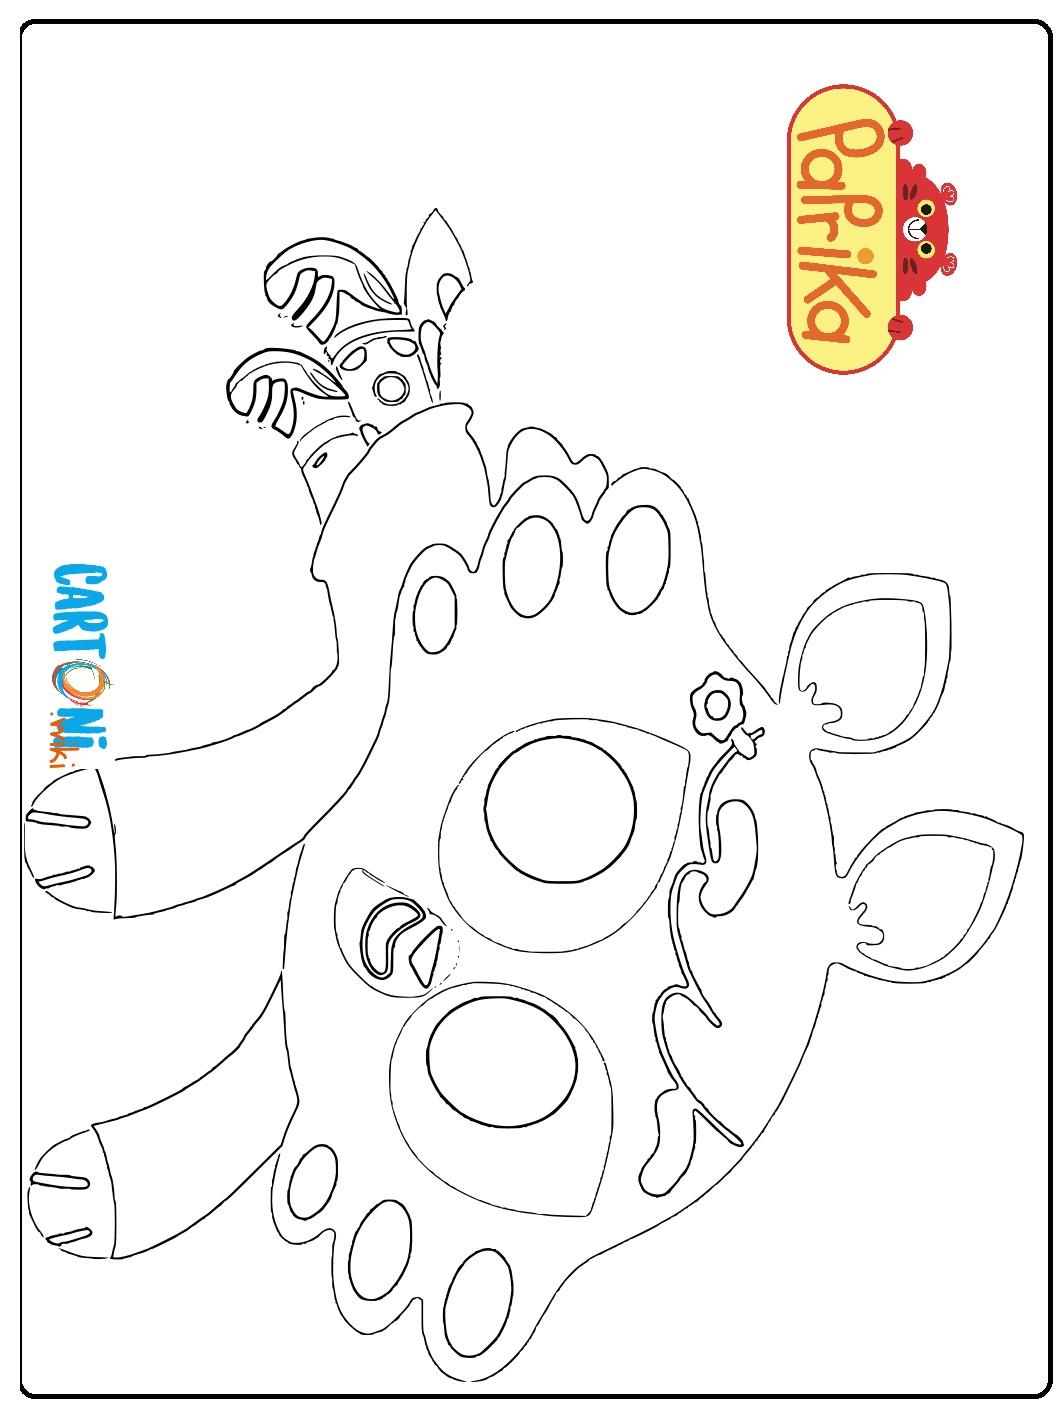 Colora Olivia del cartone Paprika - Disegni da colorare